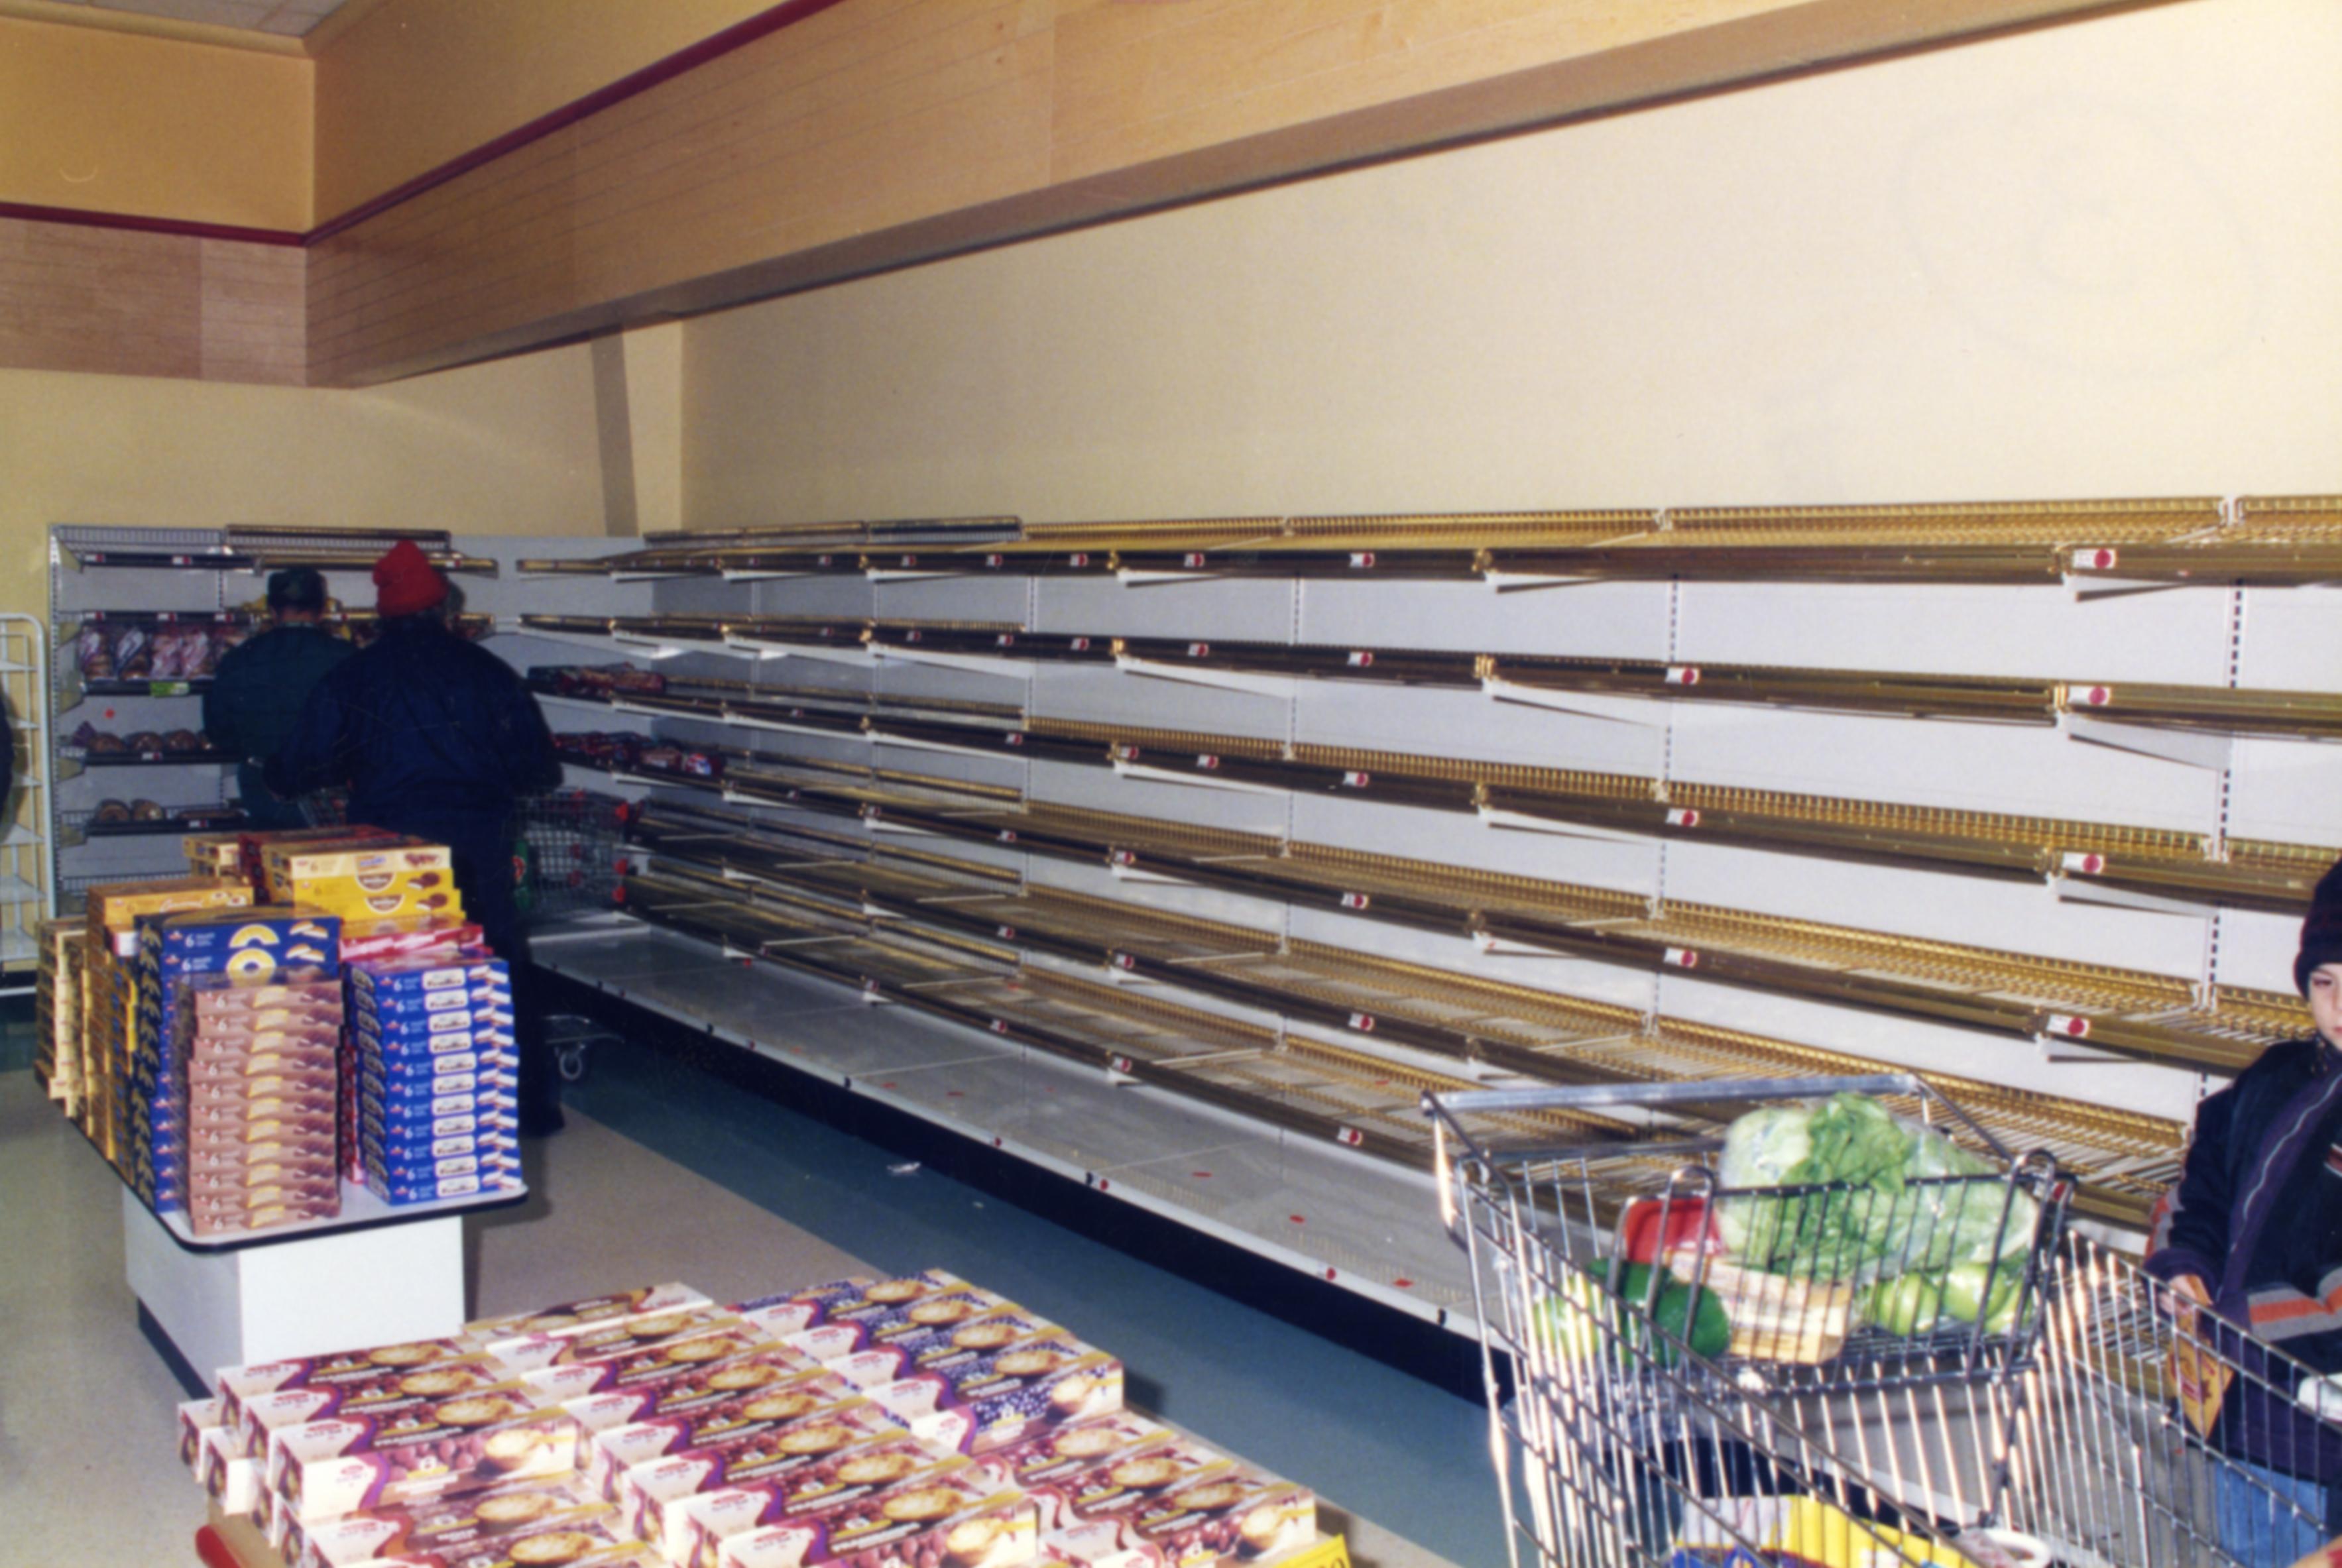 Les étagères de pain sont vides dans les épiceries durant la crise.